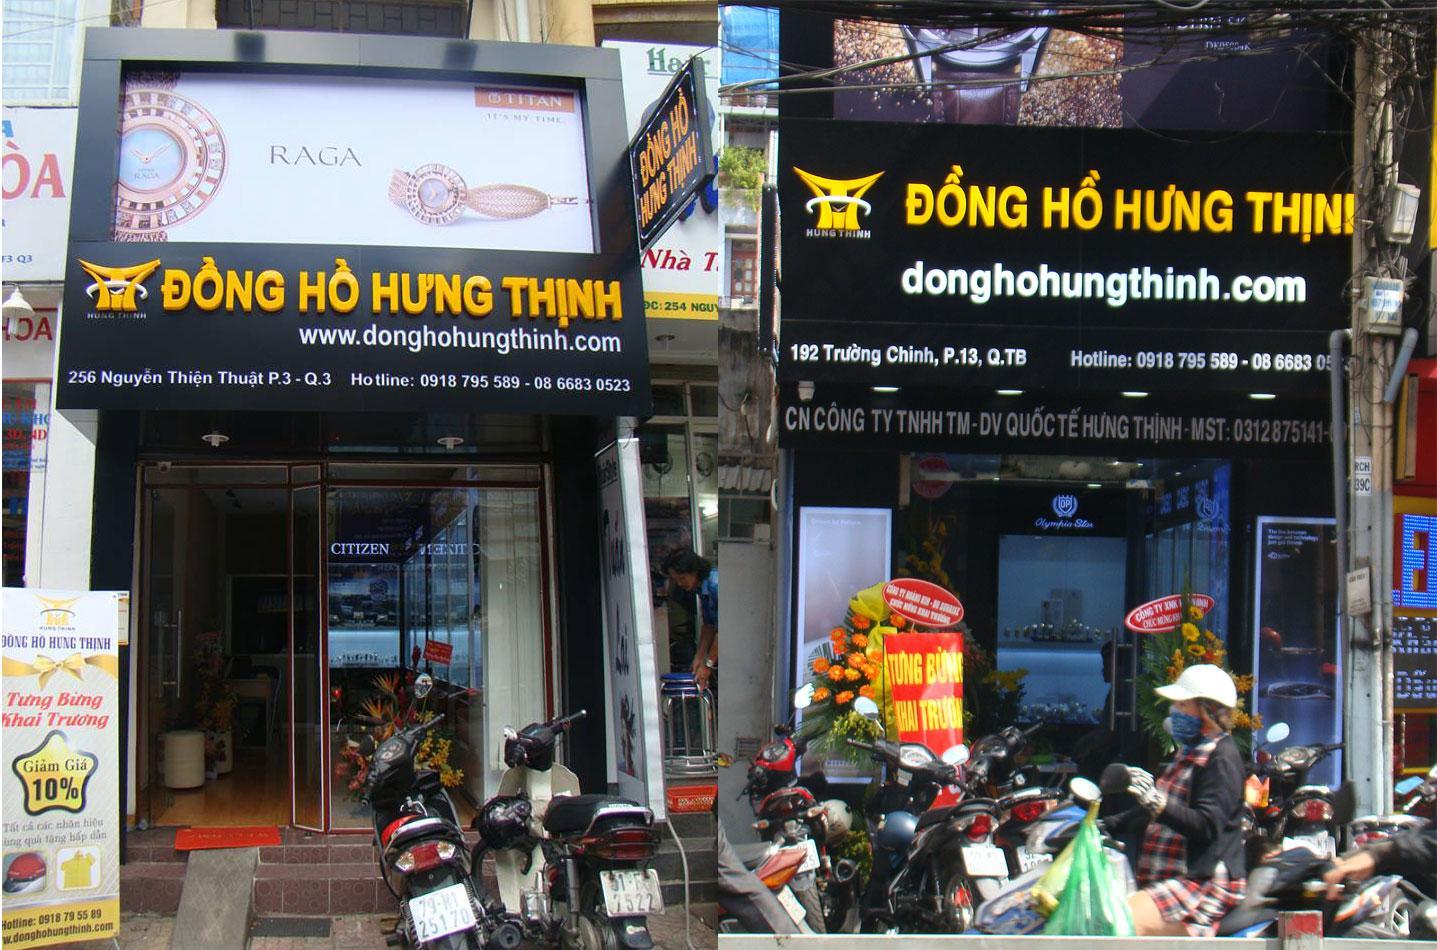 Shop đồng hồ Hưng Thịnh